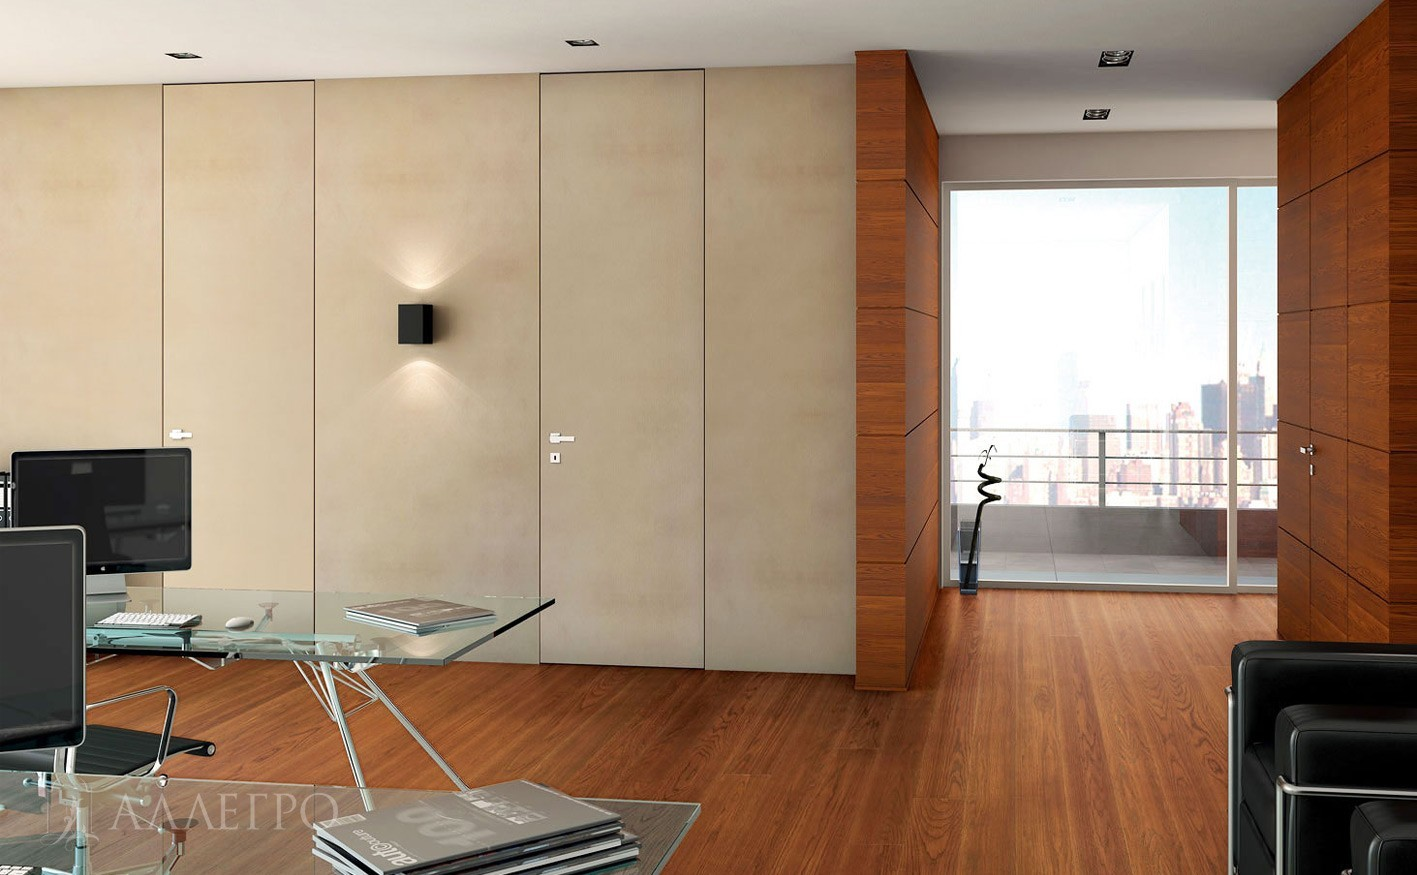 Высокие скрытые двери отделанные декоративной штукатуркой